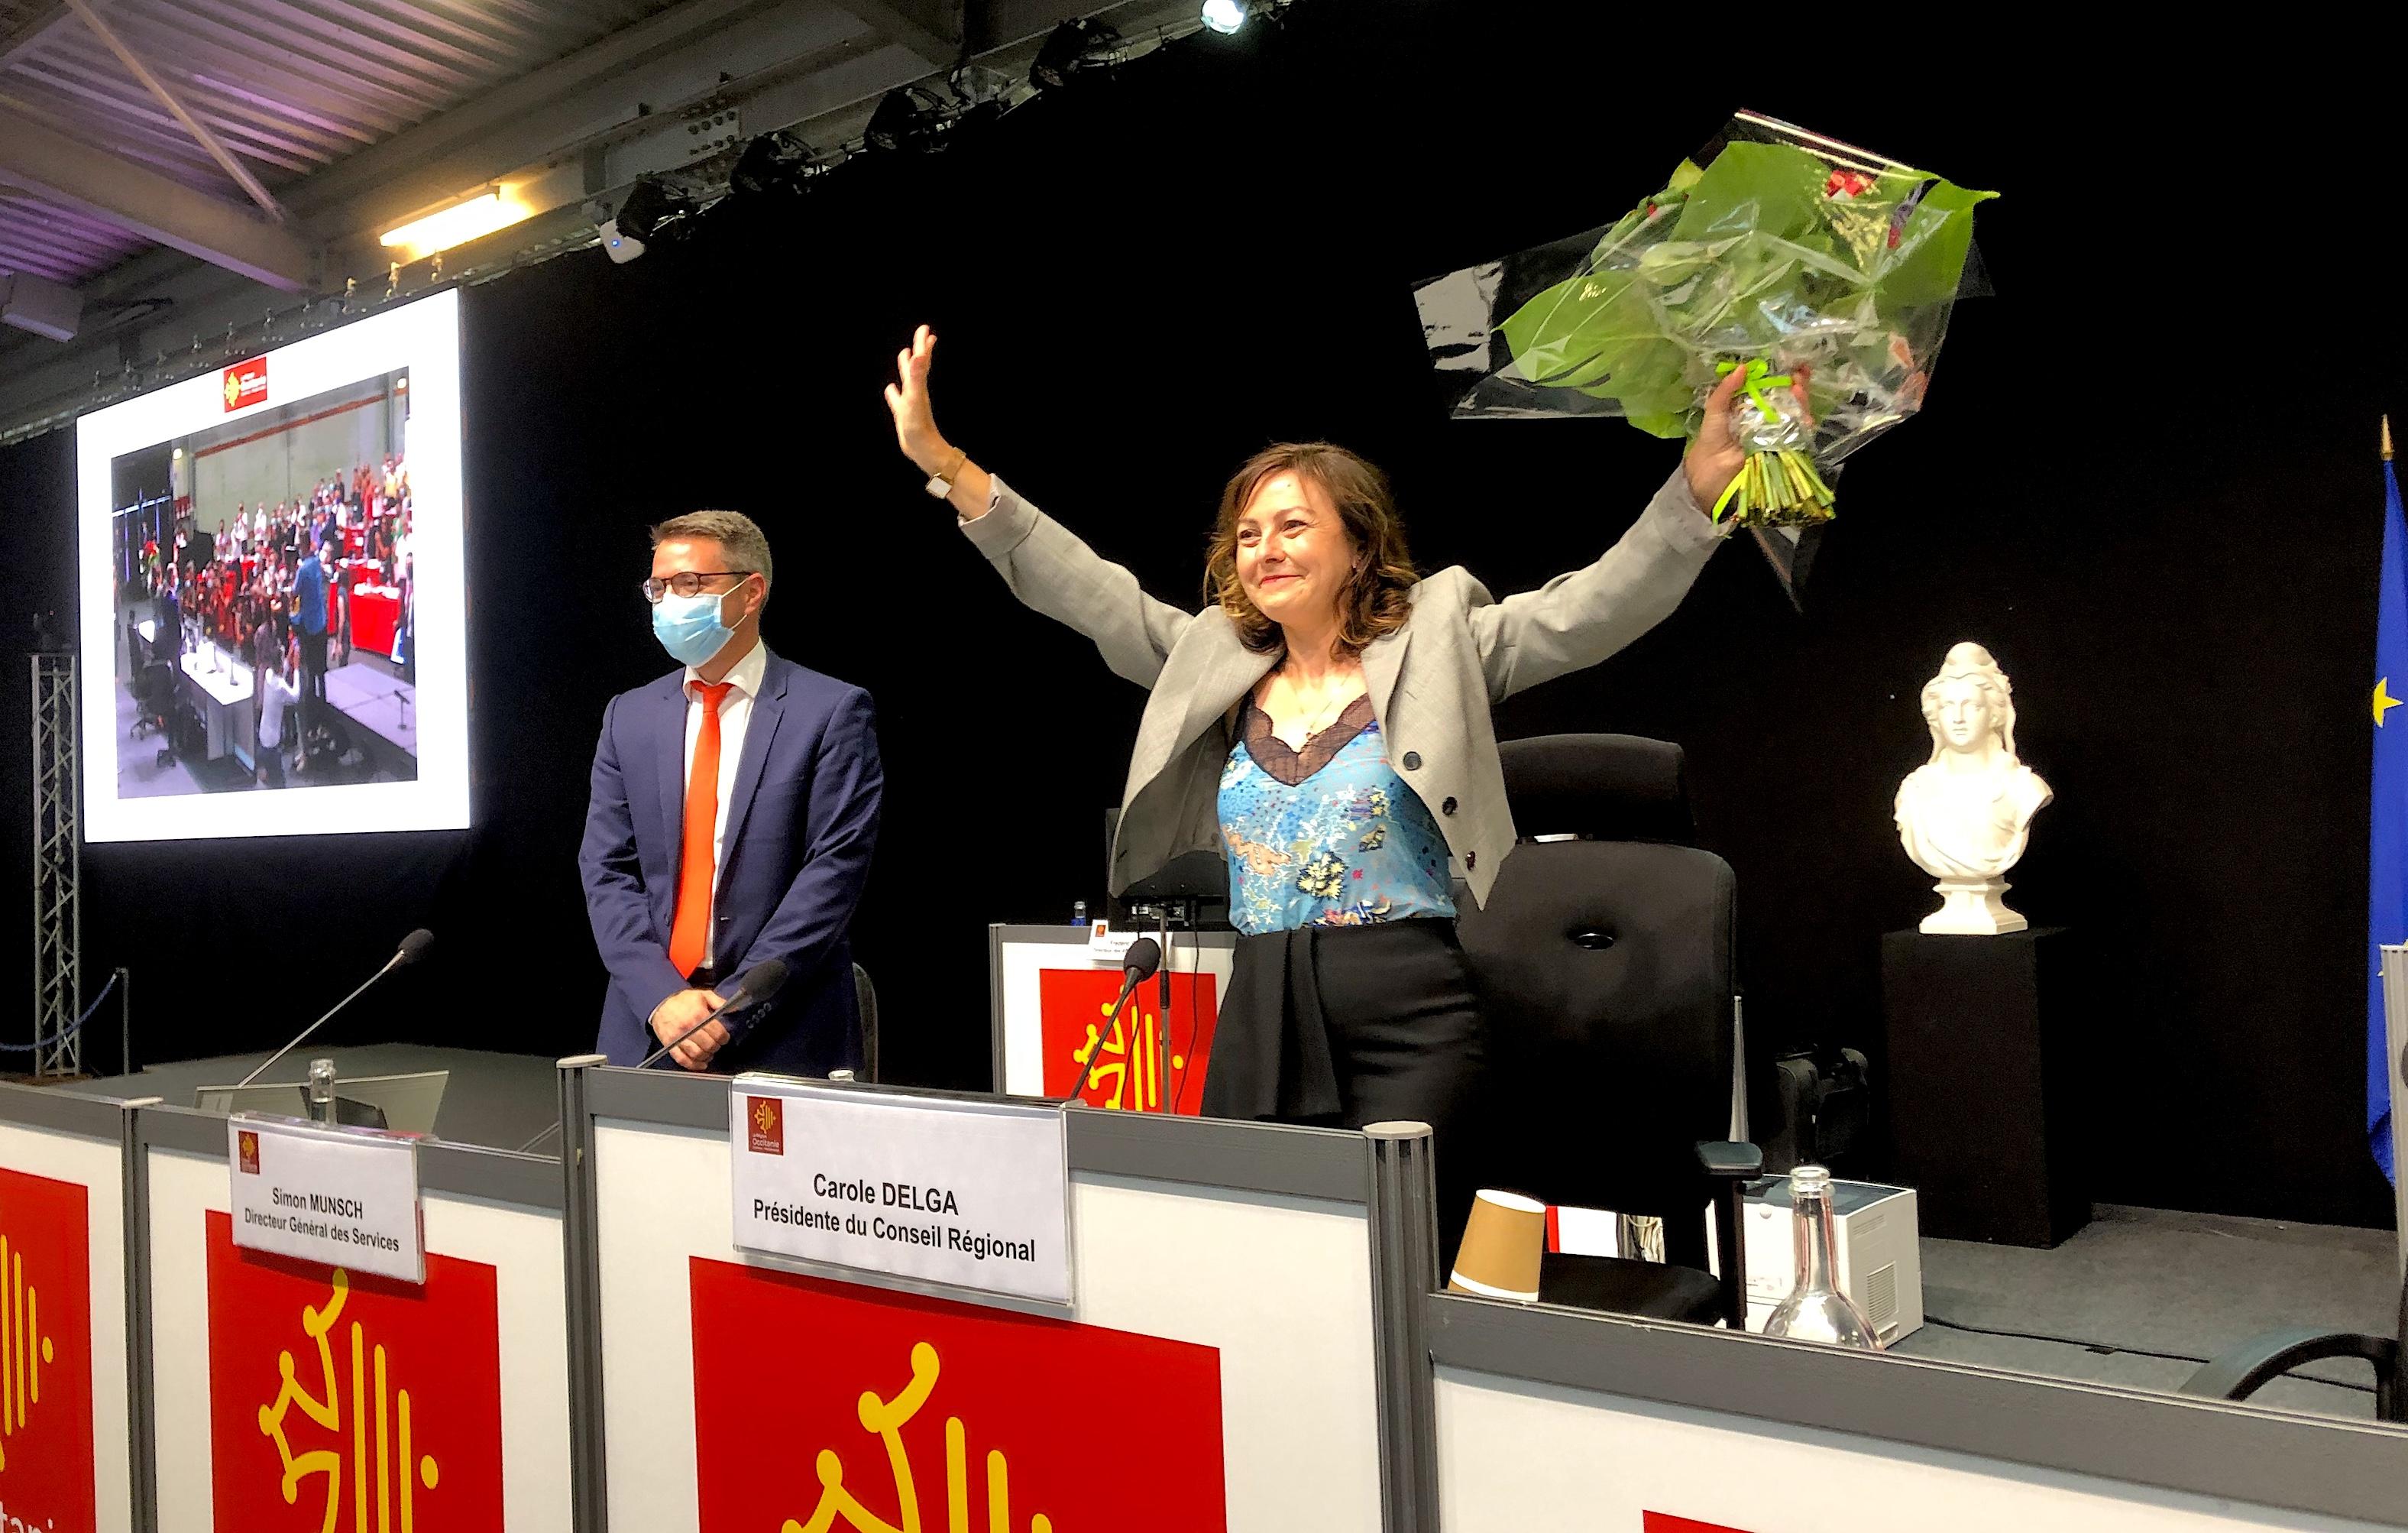 Carole Delga, Présidente du Conseil Régional d'Occitanie ©CDS